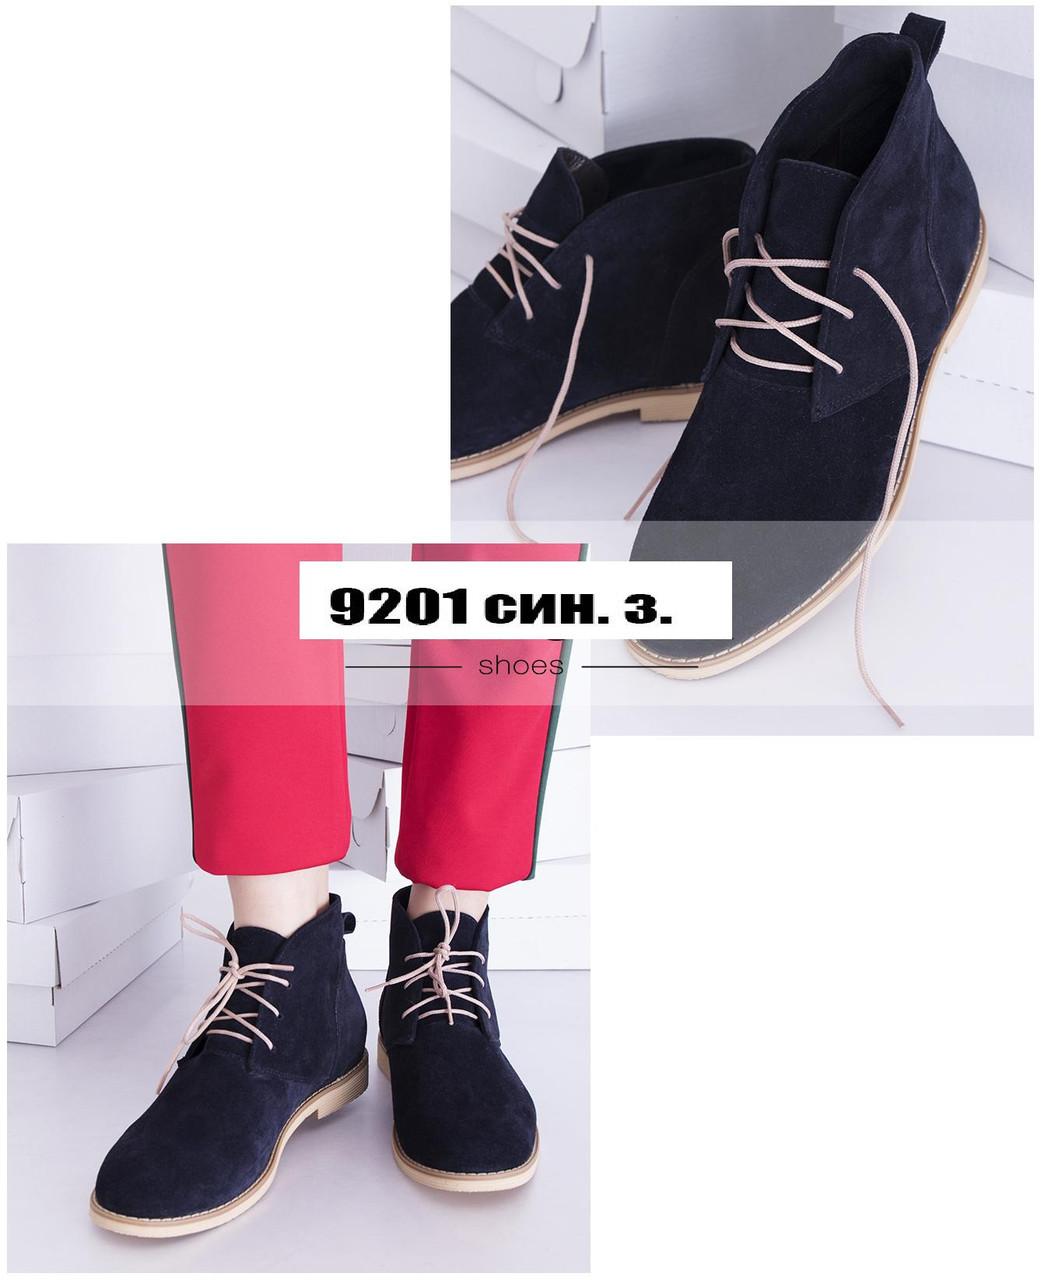 Ботинки женские  юр9201